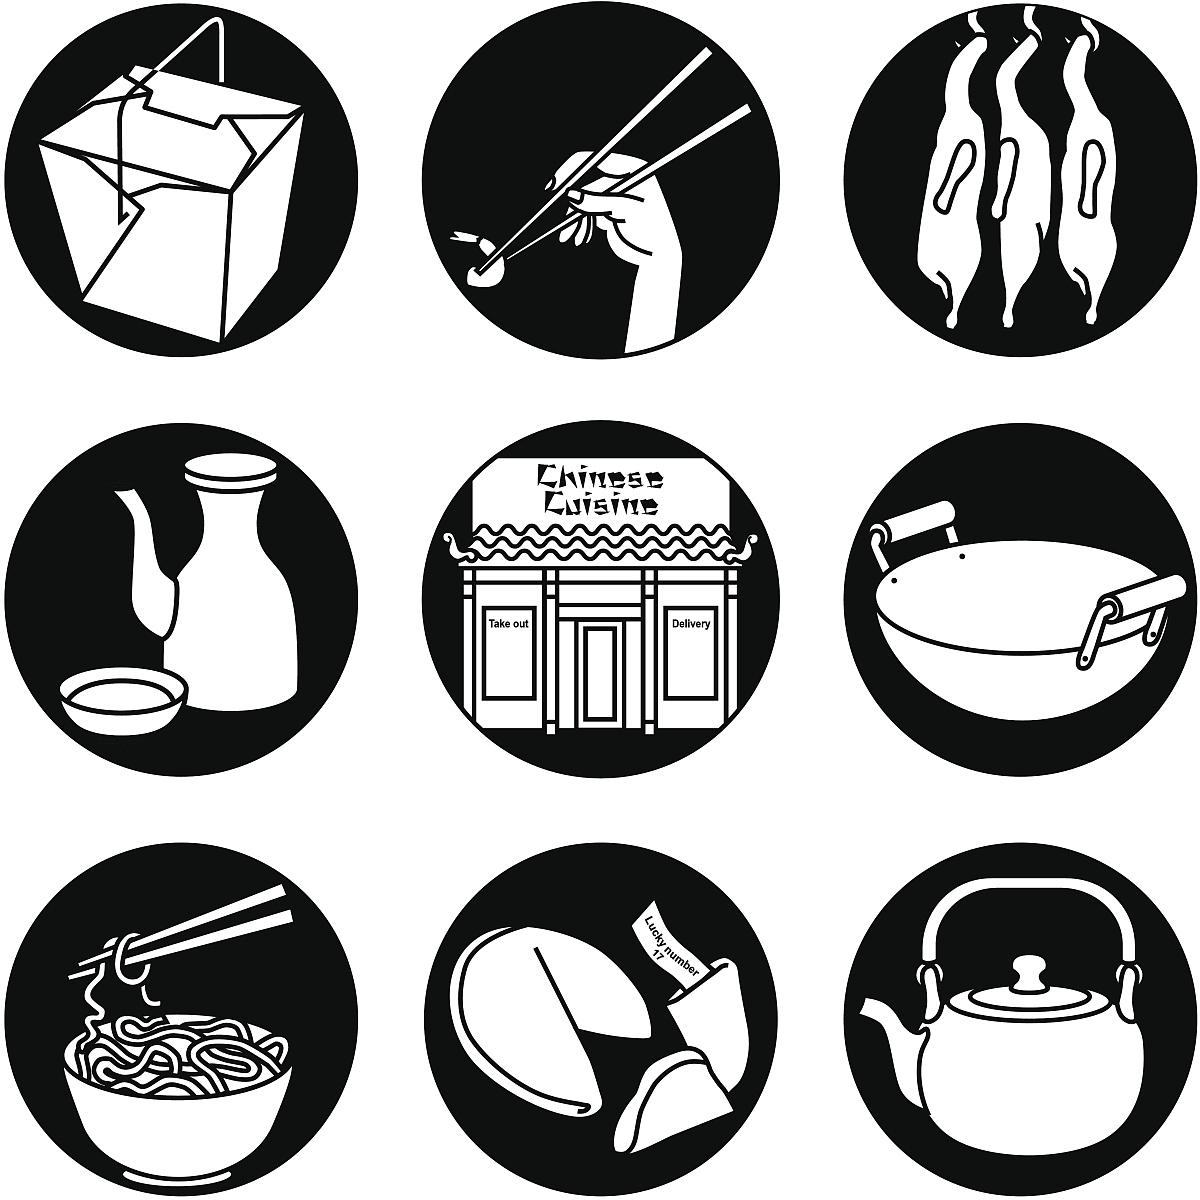 符号,下下签,运气,外卖食品,曲奇,炒菜,饮食,吃饭,锅,计算机图标,中式图片